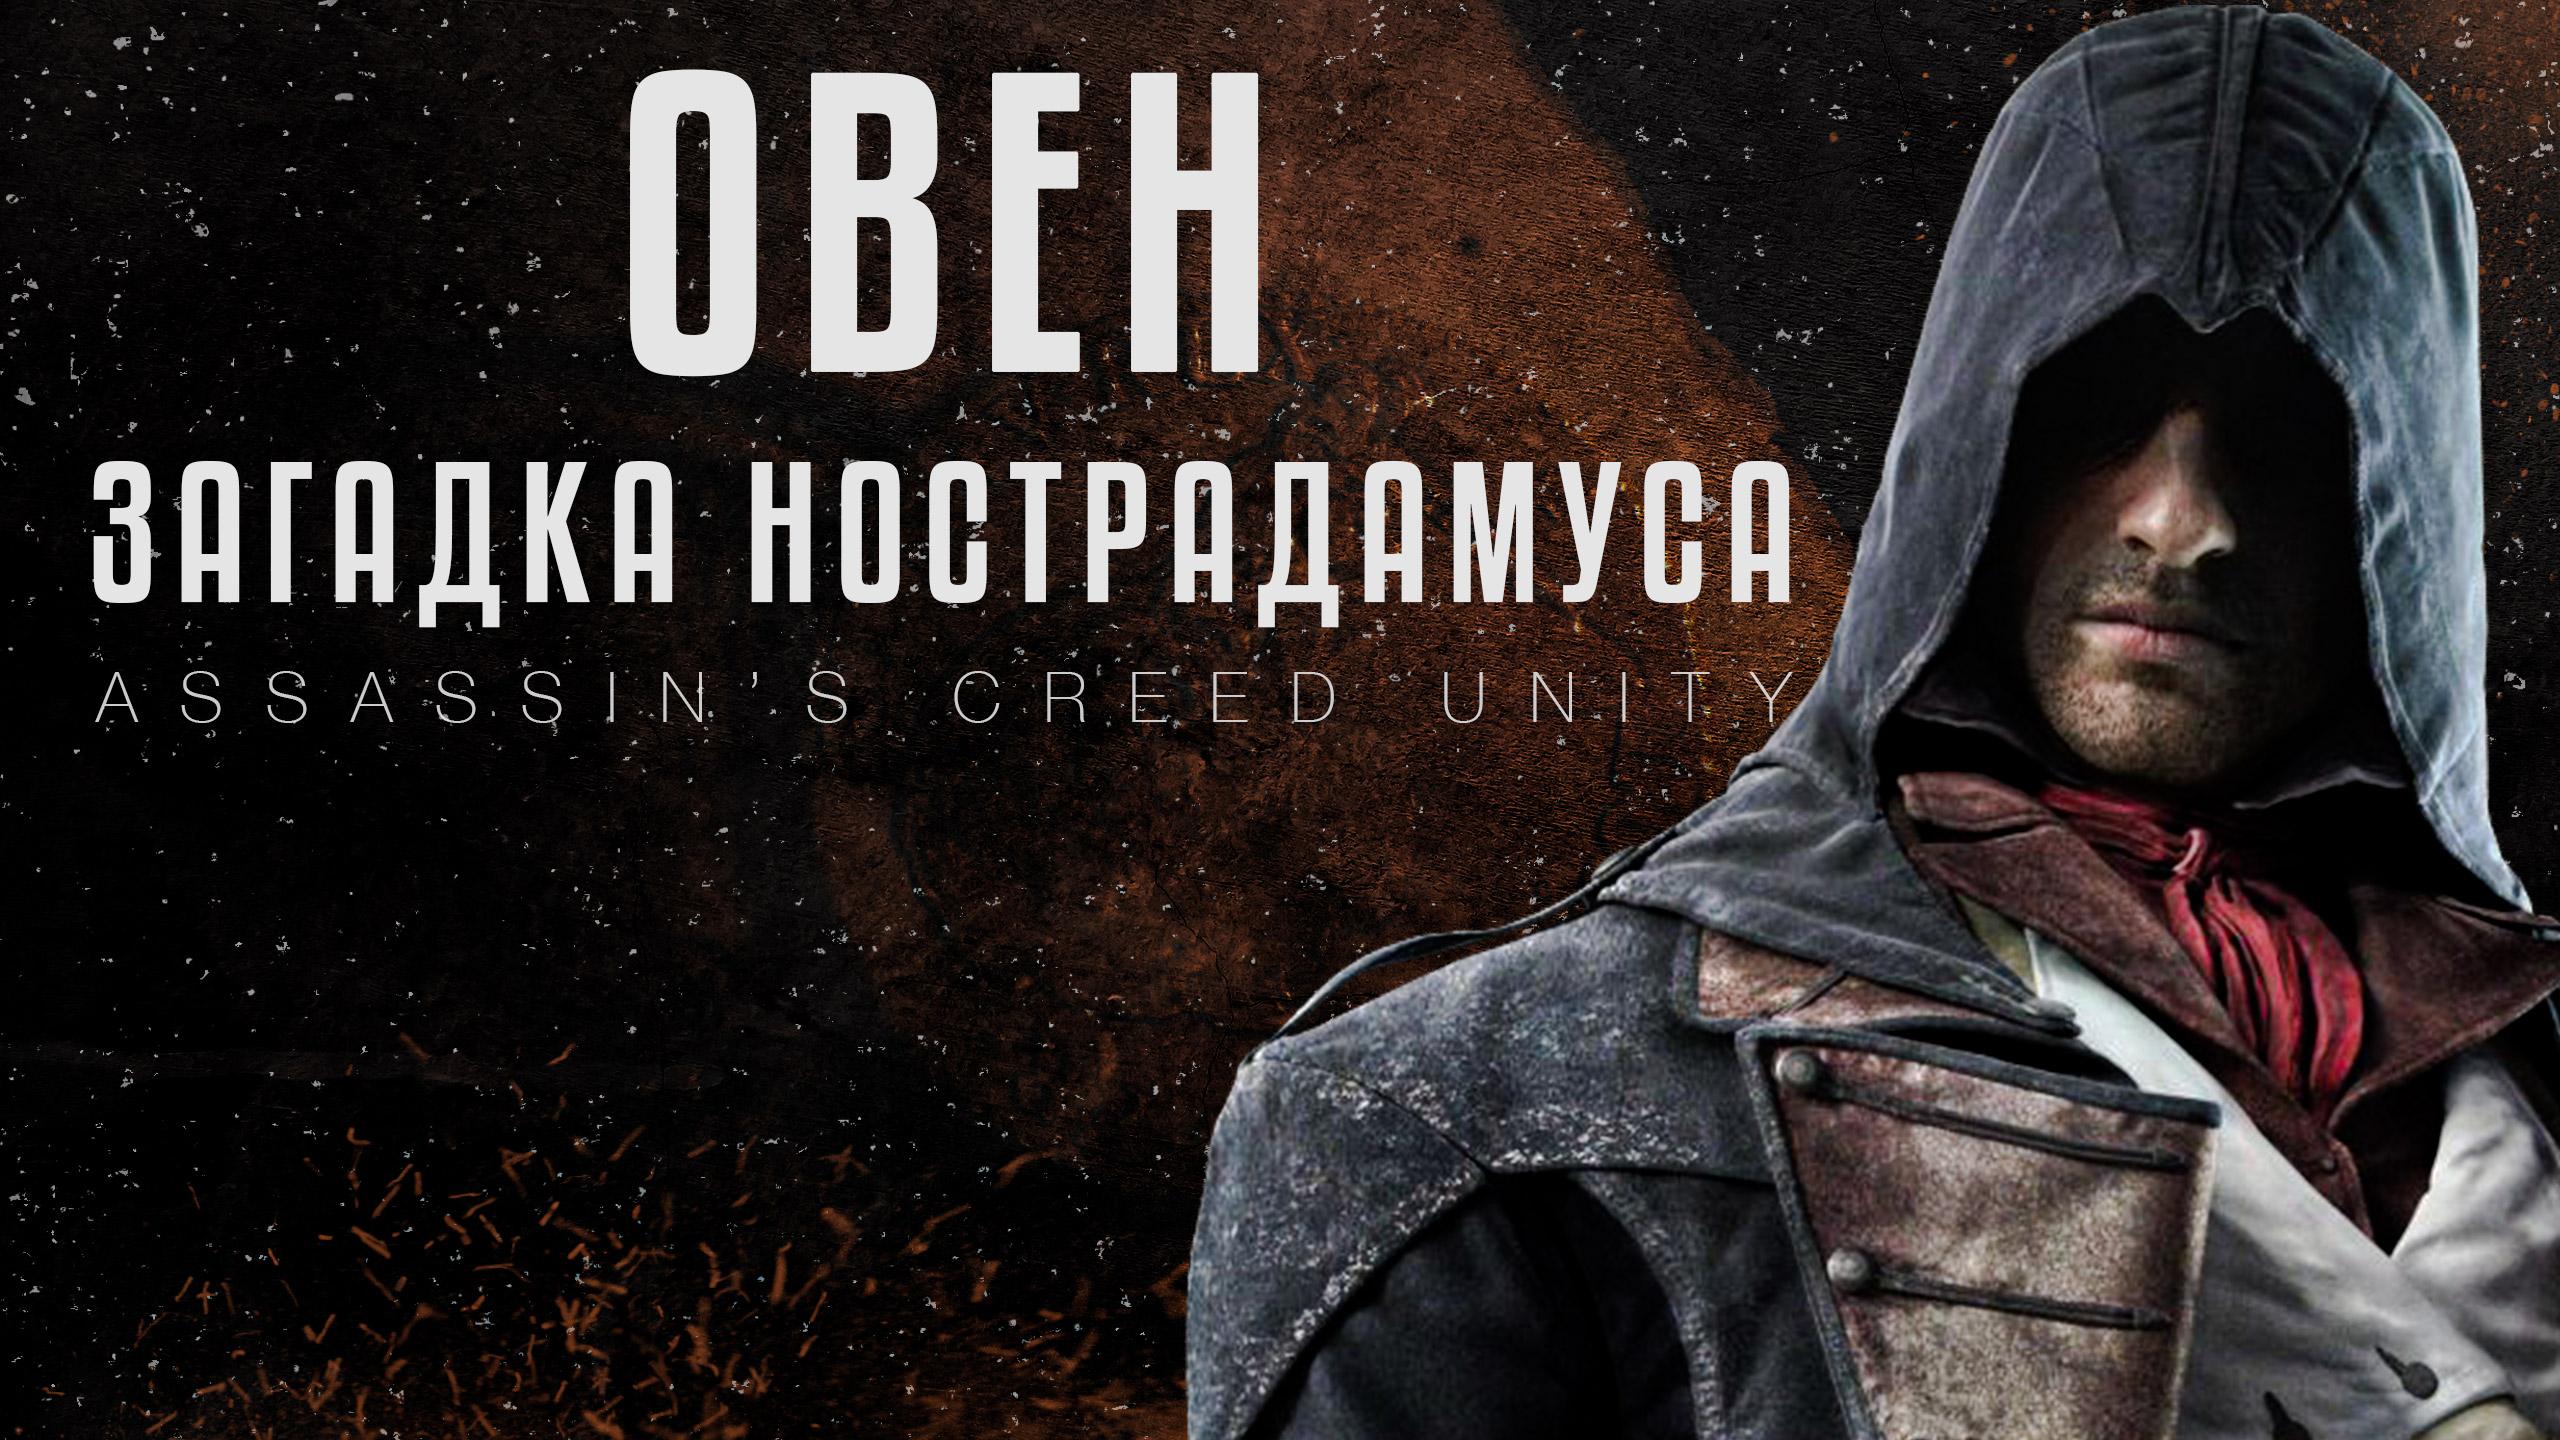 Нострадамуса в игре Assassin's Creed Unity (Овен)